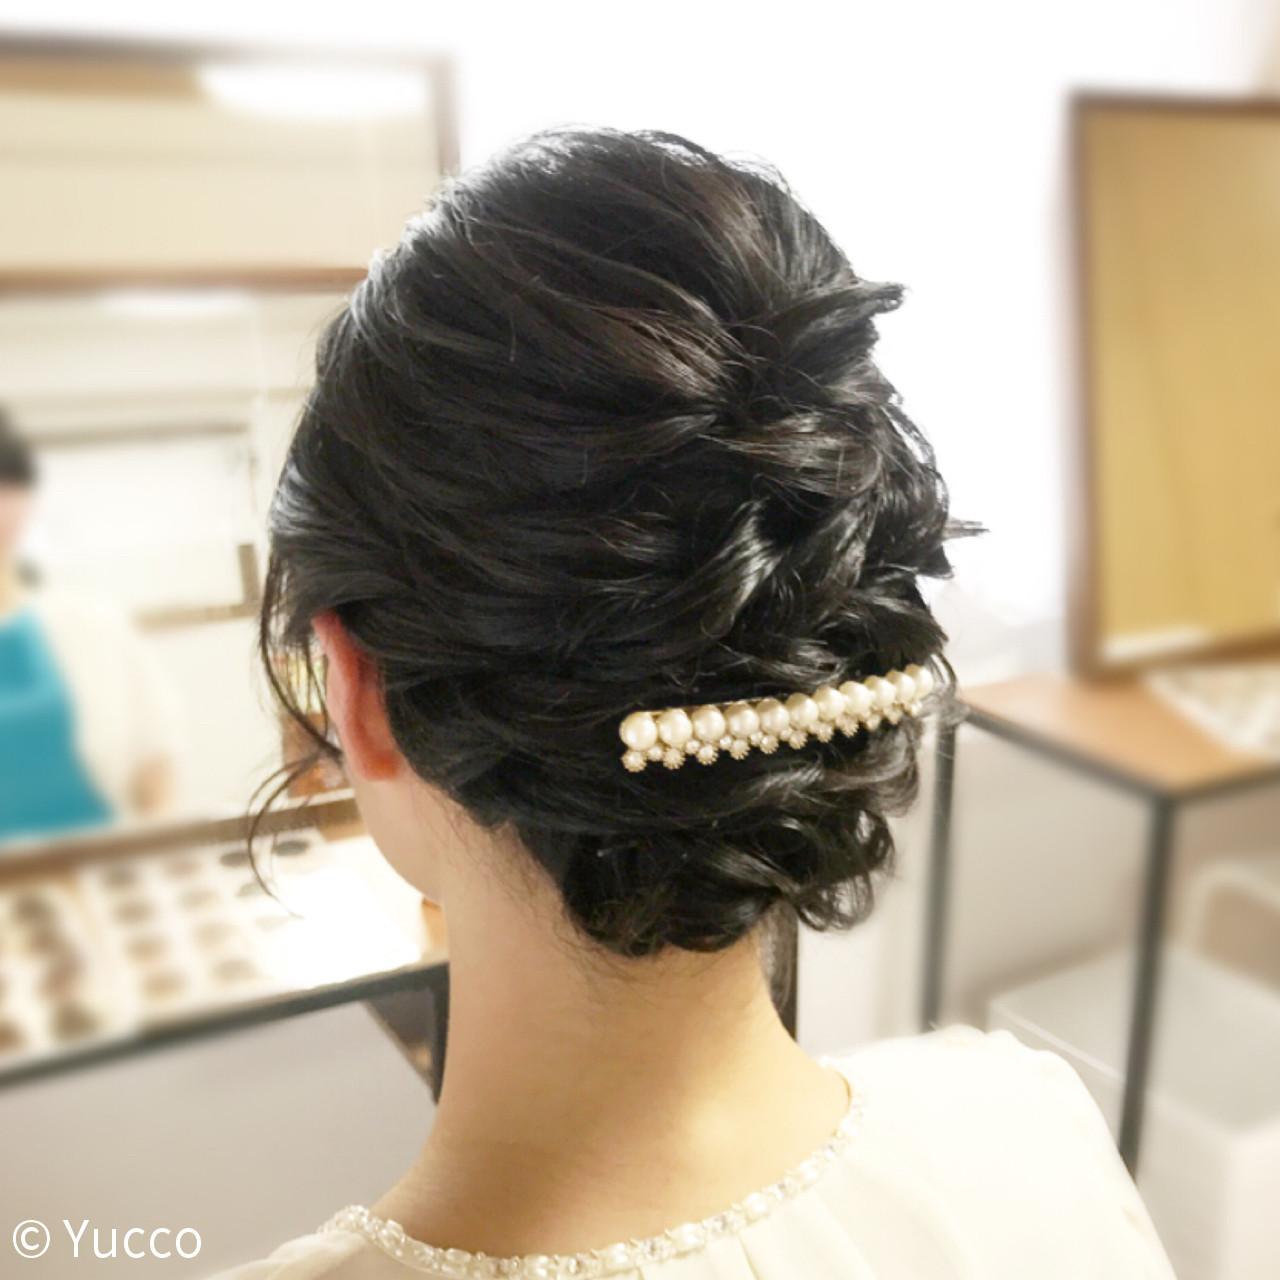 ボブ パーティ エレガント 上品 ヘアスタイルや髪型の写真・画像